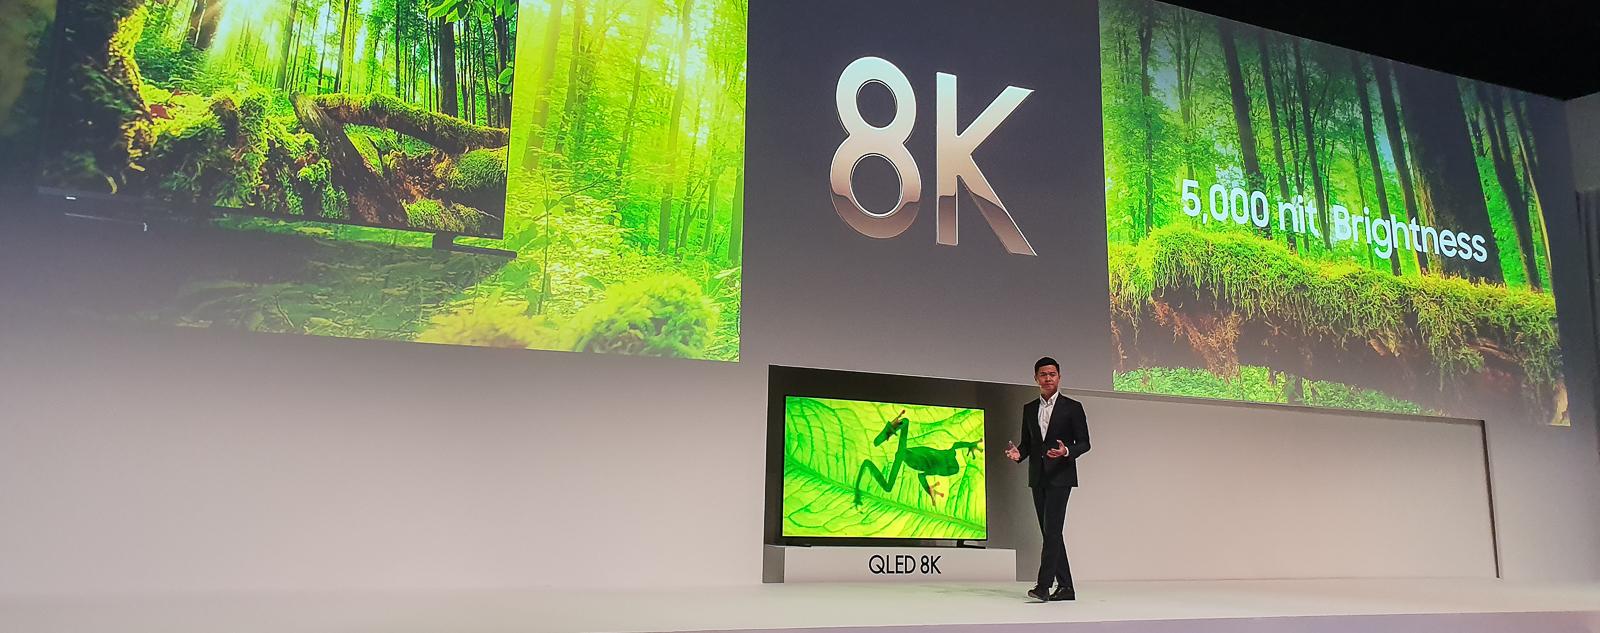 Samsung giới thiệu loạt TV QLED 8K và QLED 2019 tại Diễn đàn SEAO 2019.